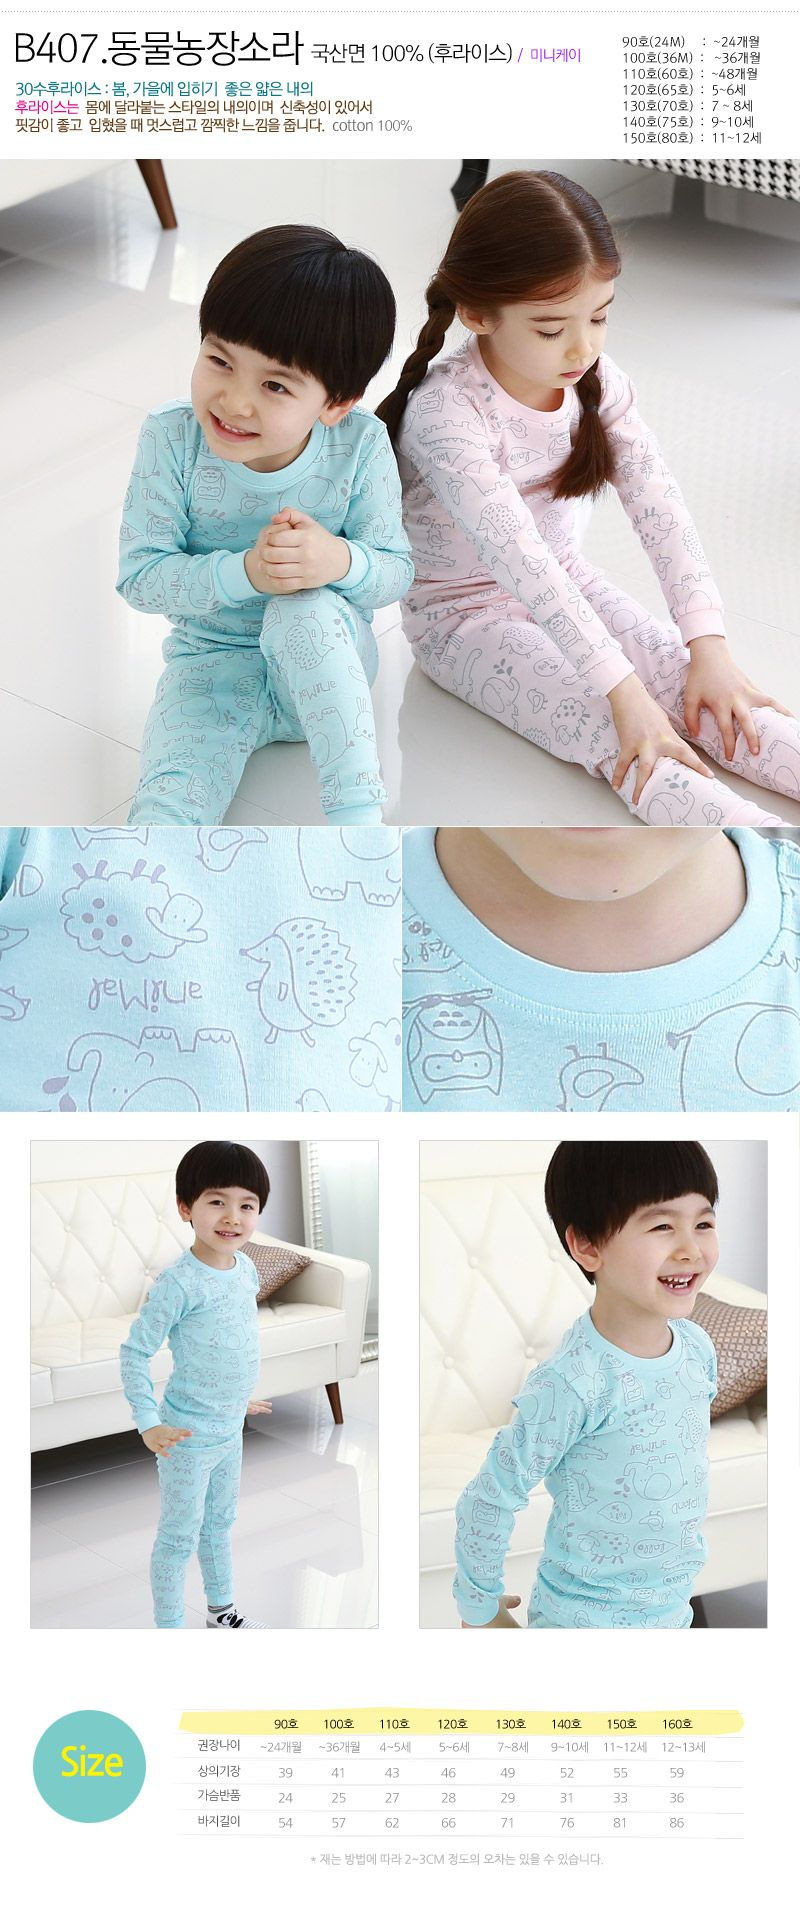 #실내복 #내의 #underwear #easywear #kids #pajama www.minik.co.kr